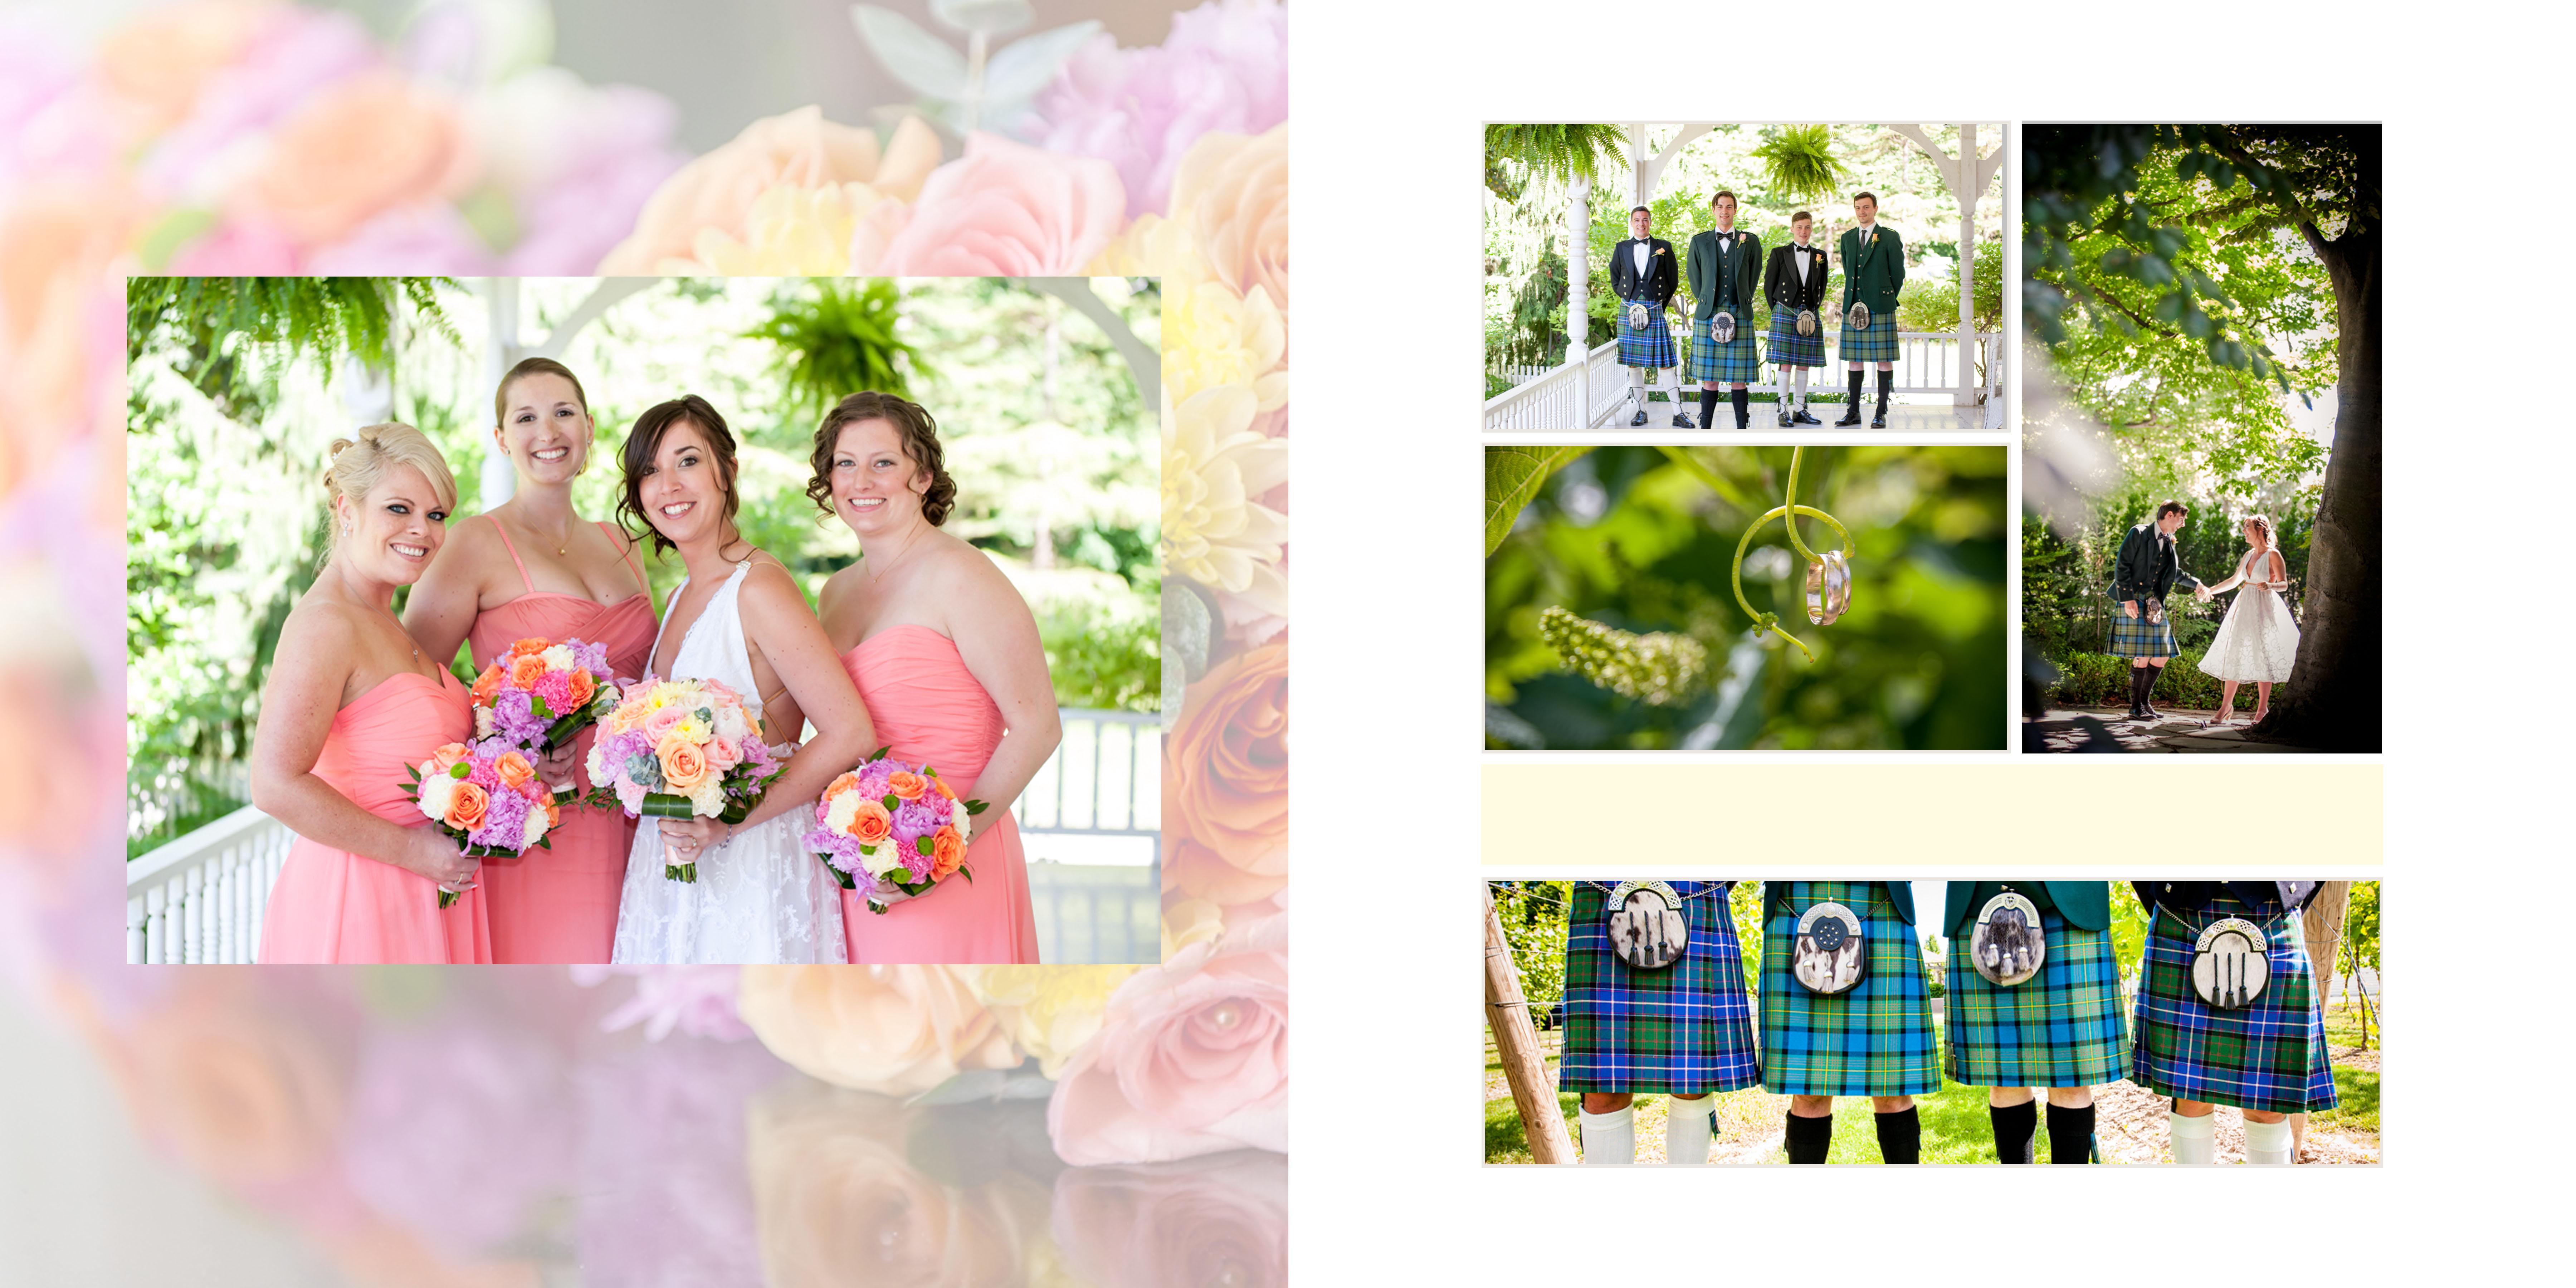 Niagara Wedding Photography Brantford Phoographer Hamilton Boudoir Photos Brantford Wedding